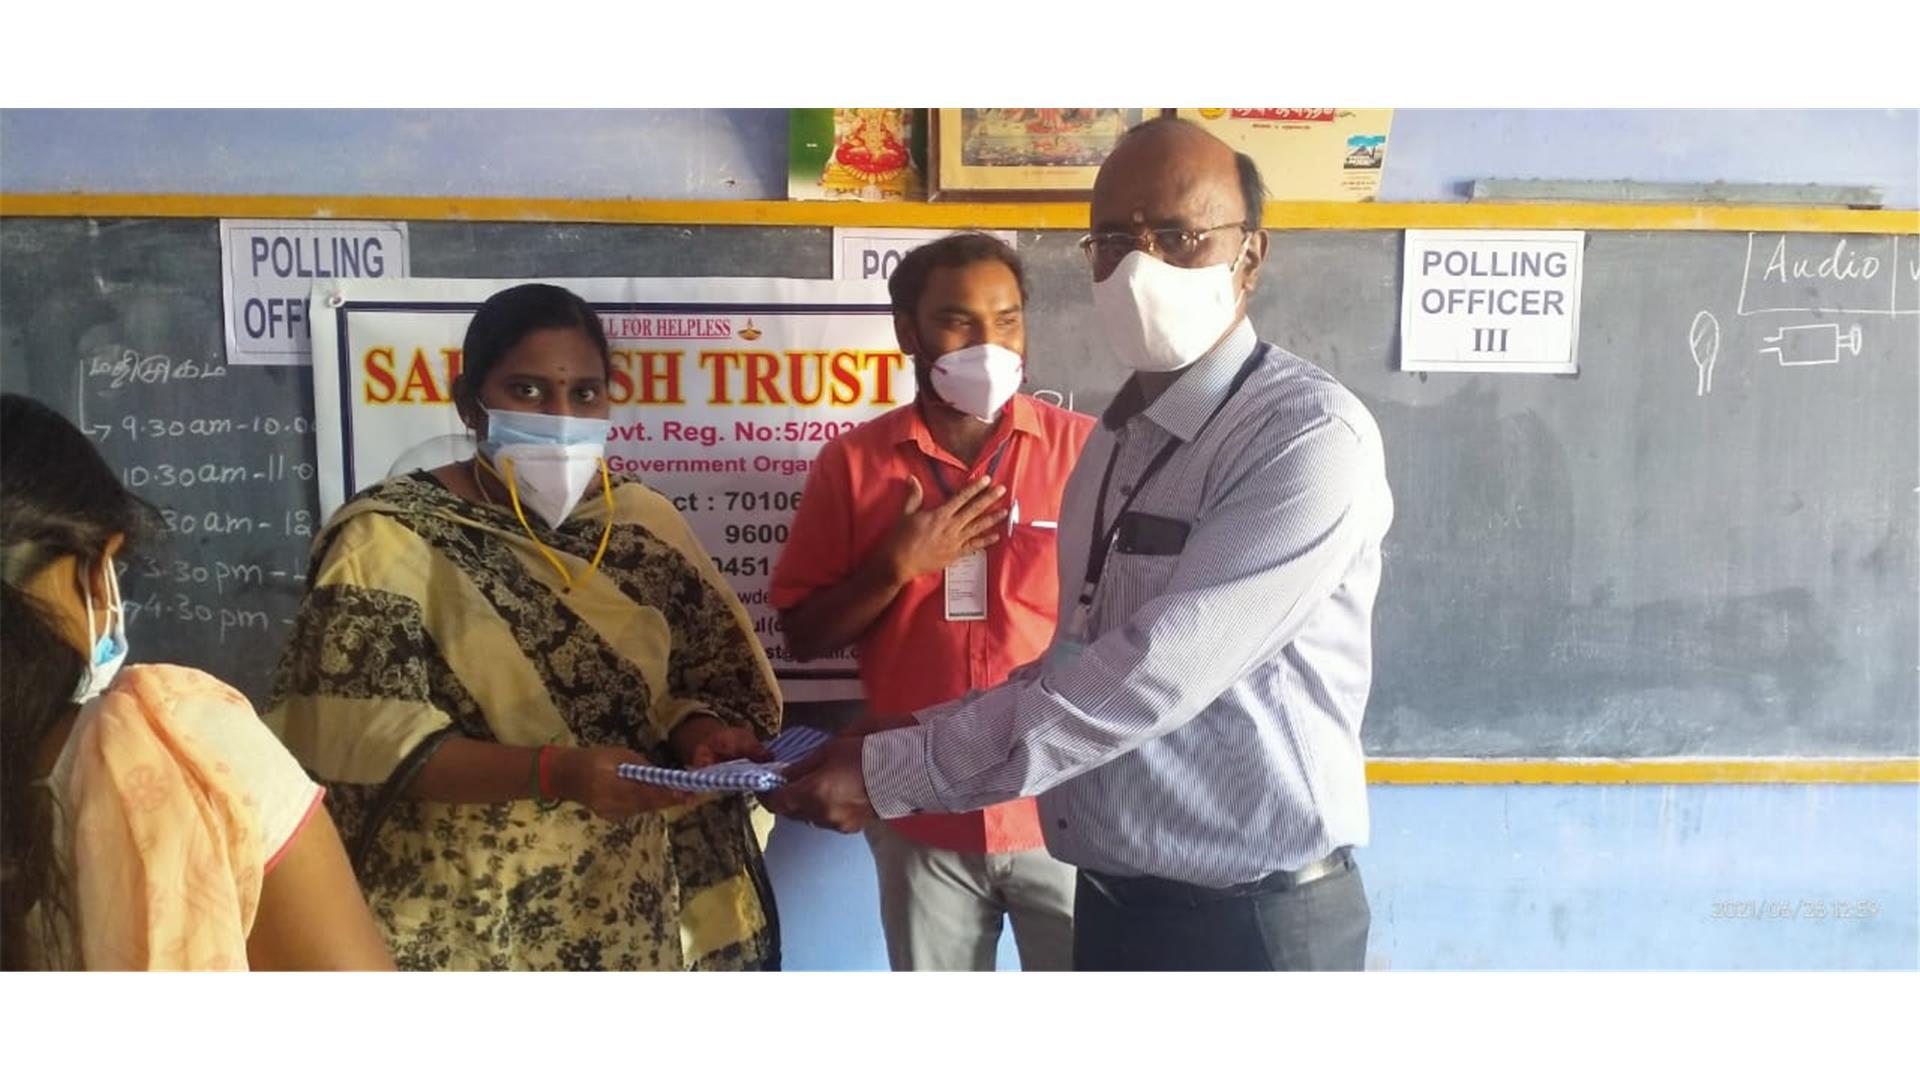 Sai Krish Trust